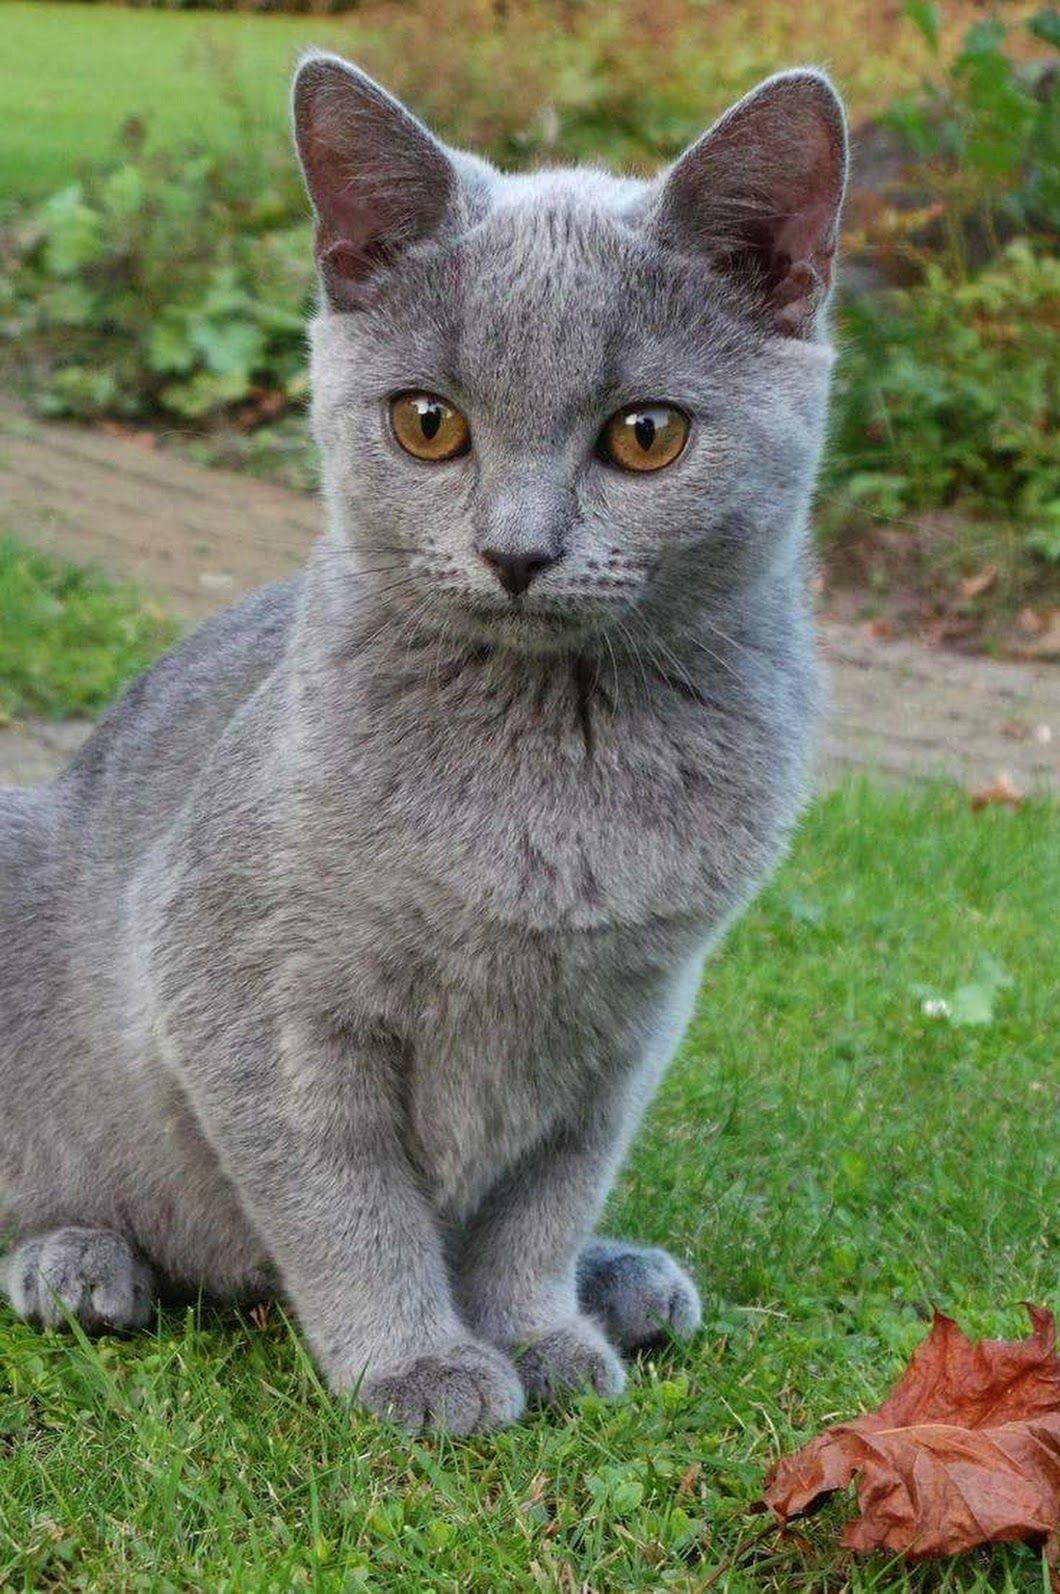 ג'קלין ולינוב (With images) Fluffy cat breeds, Cat